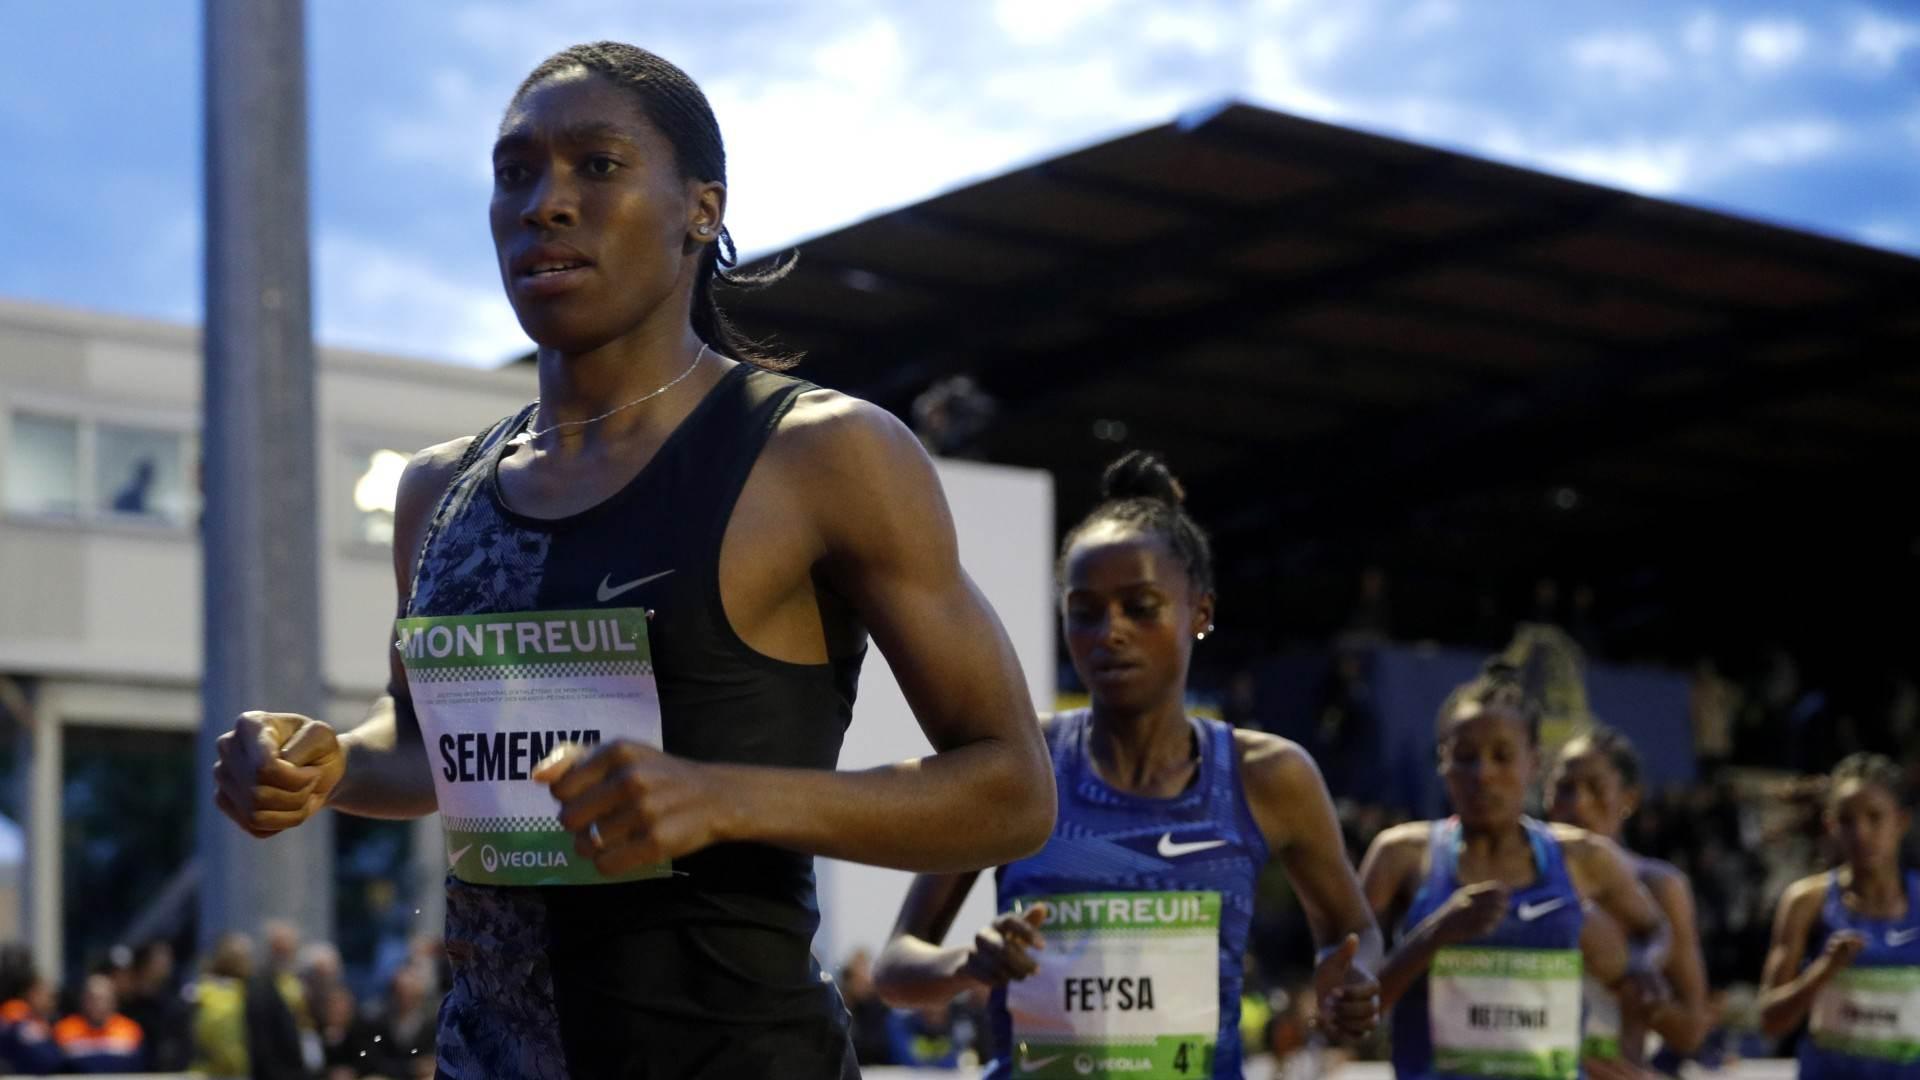 Campeã olímpica Caster Semenya é caso mais conhecido sobre regulamentos DDS